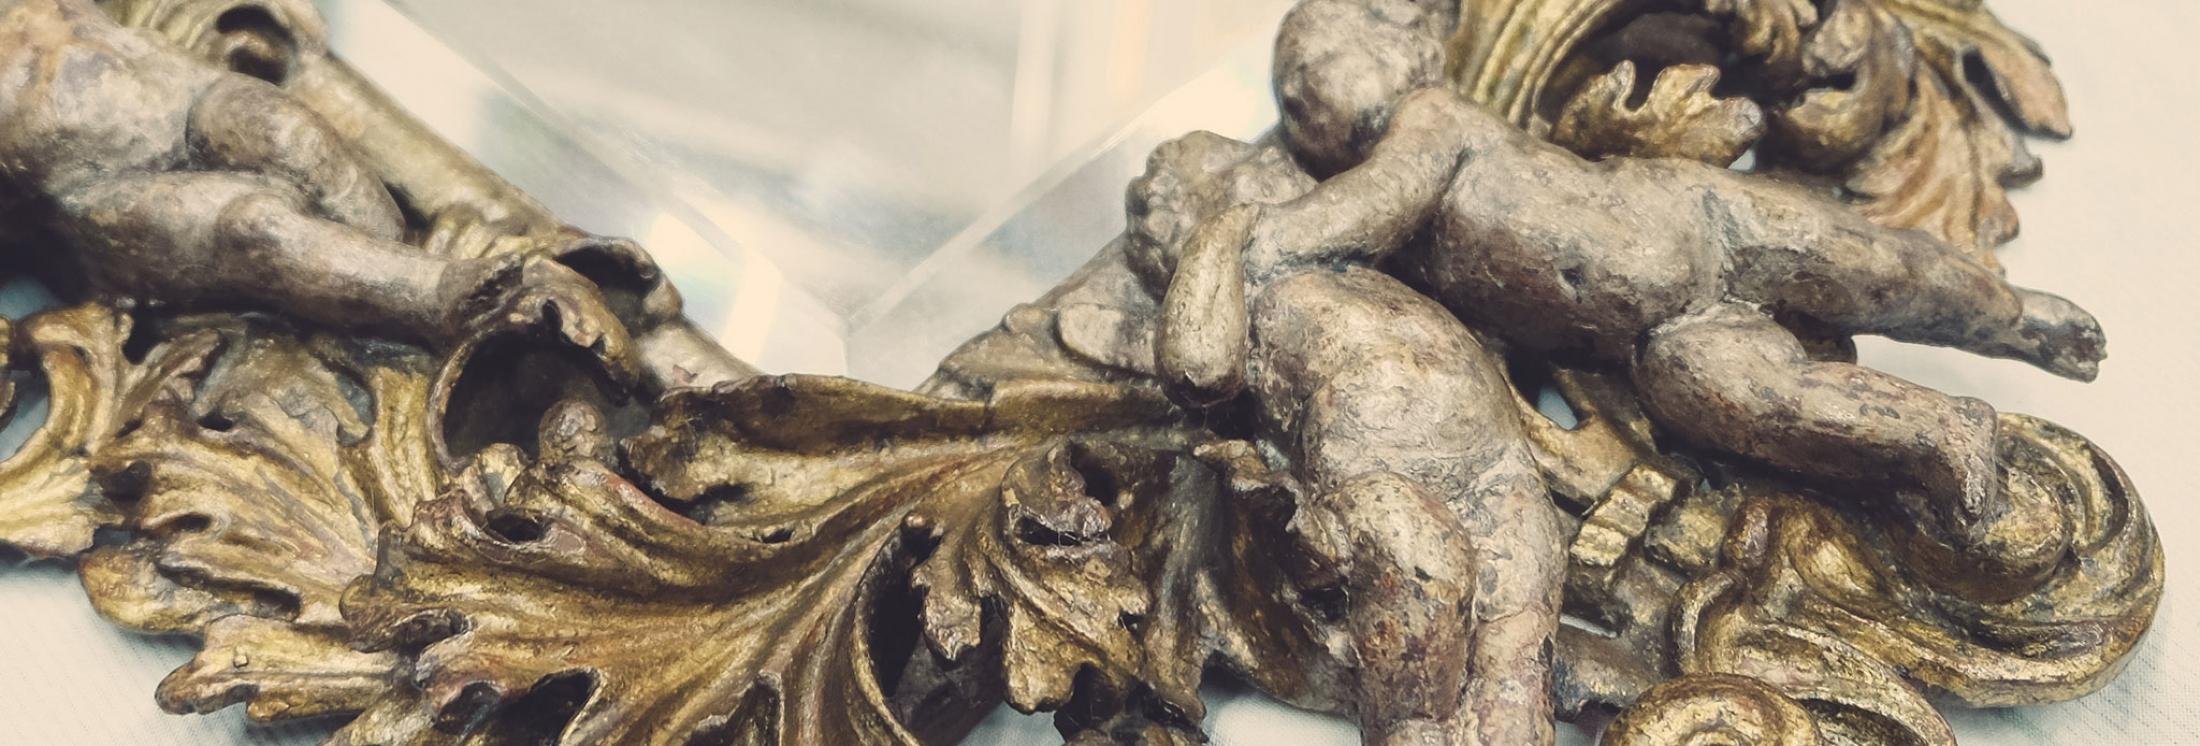 Fachgebiet Restaurierung von Skulpturen & polychromen Objekten | Beer